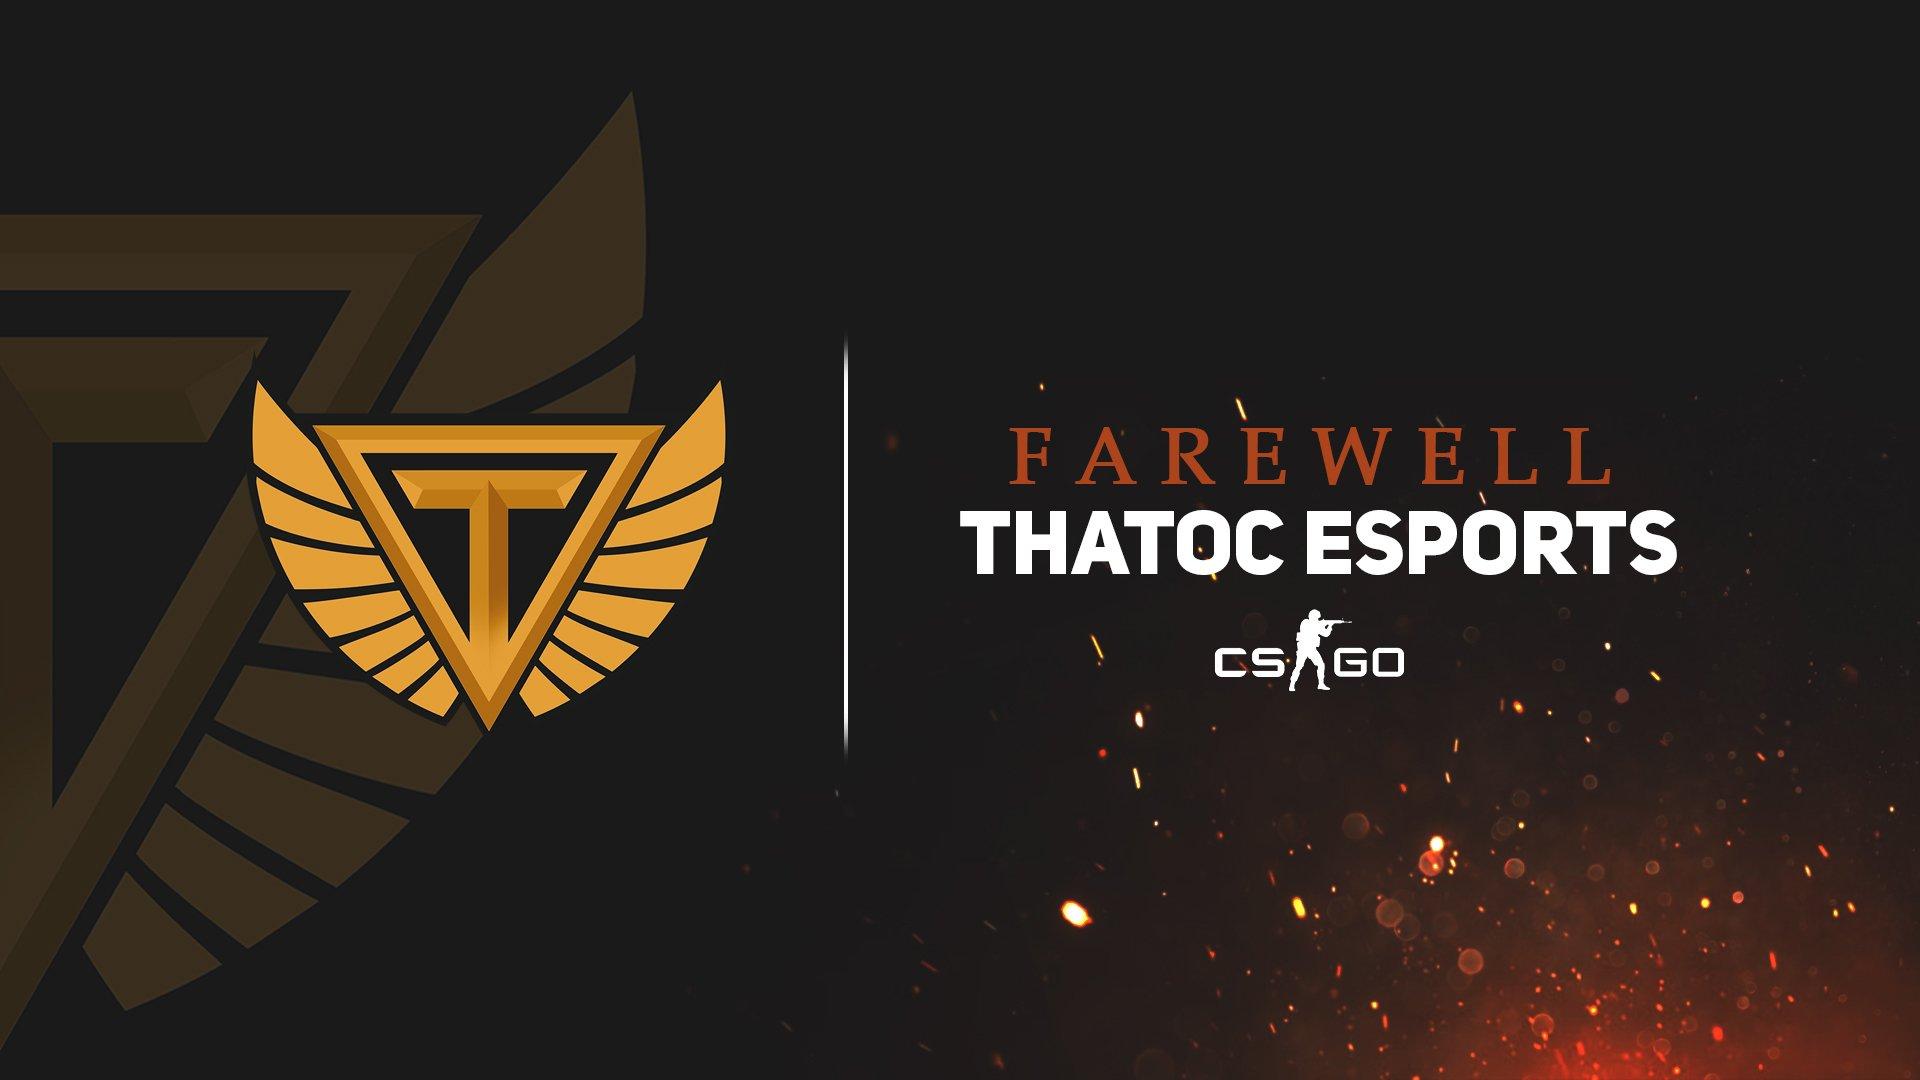 Thatoc Esports, CS:GO takımı ile yolları ayırdı!